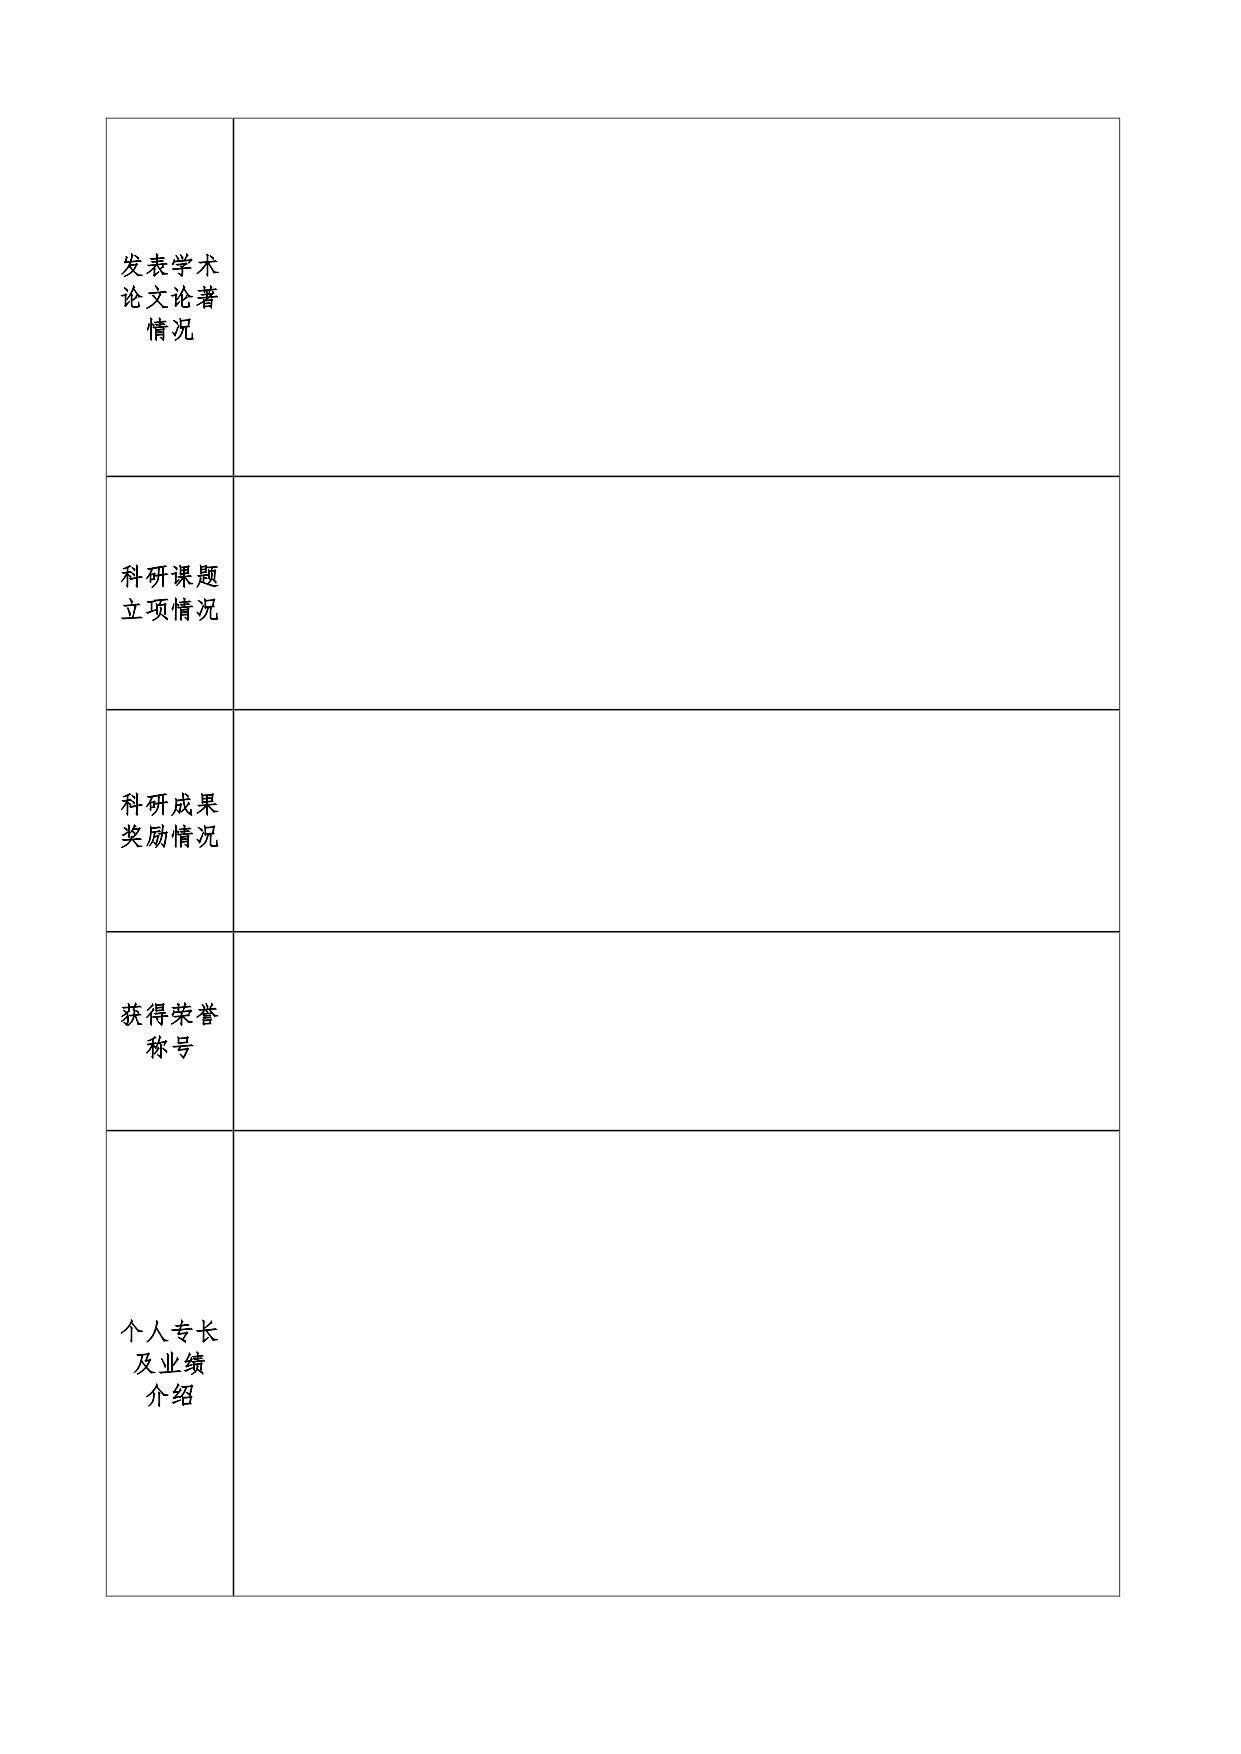 广州中医药大学第一附属医院高层次人才自荐申请表_1.jpg